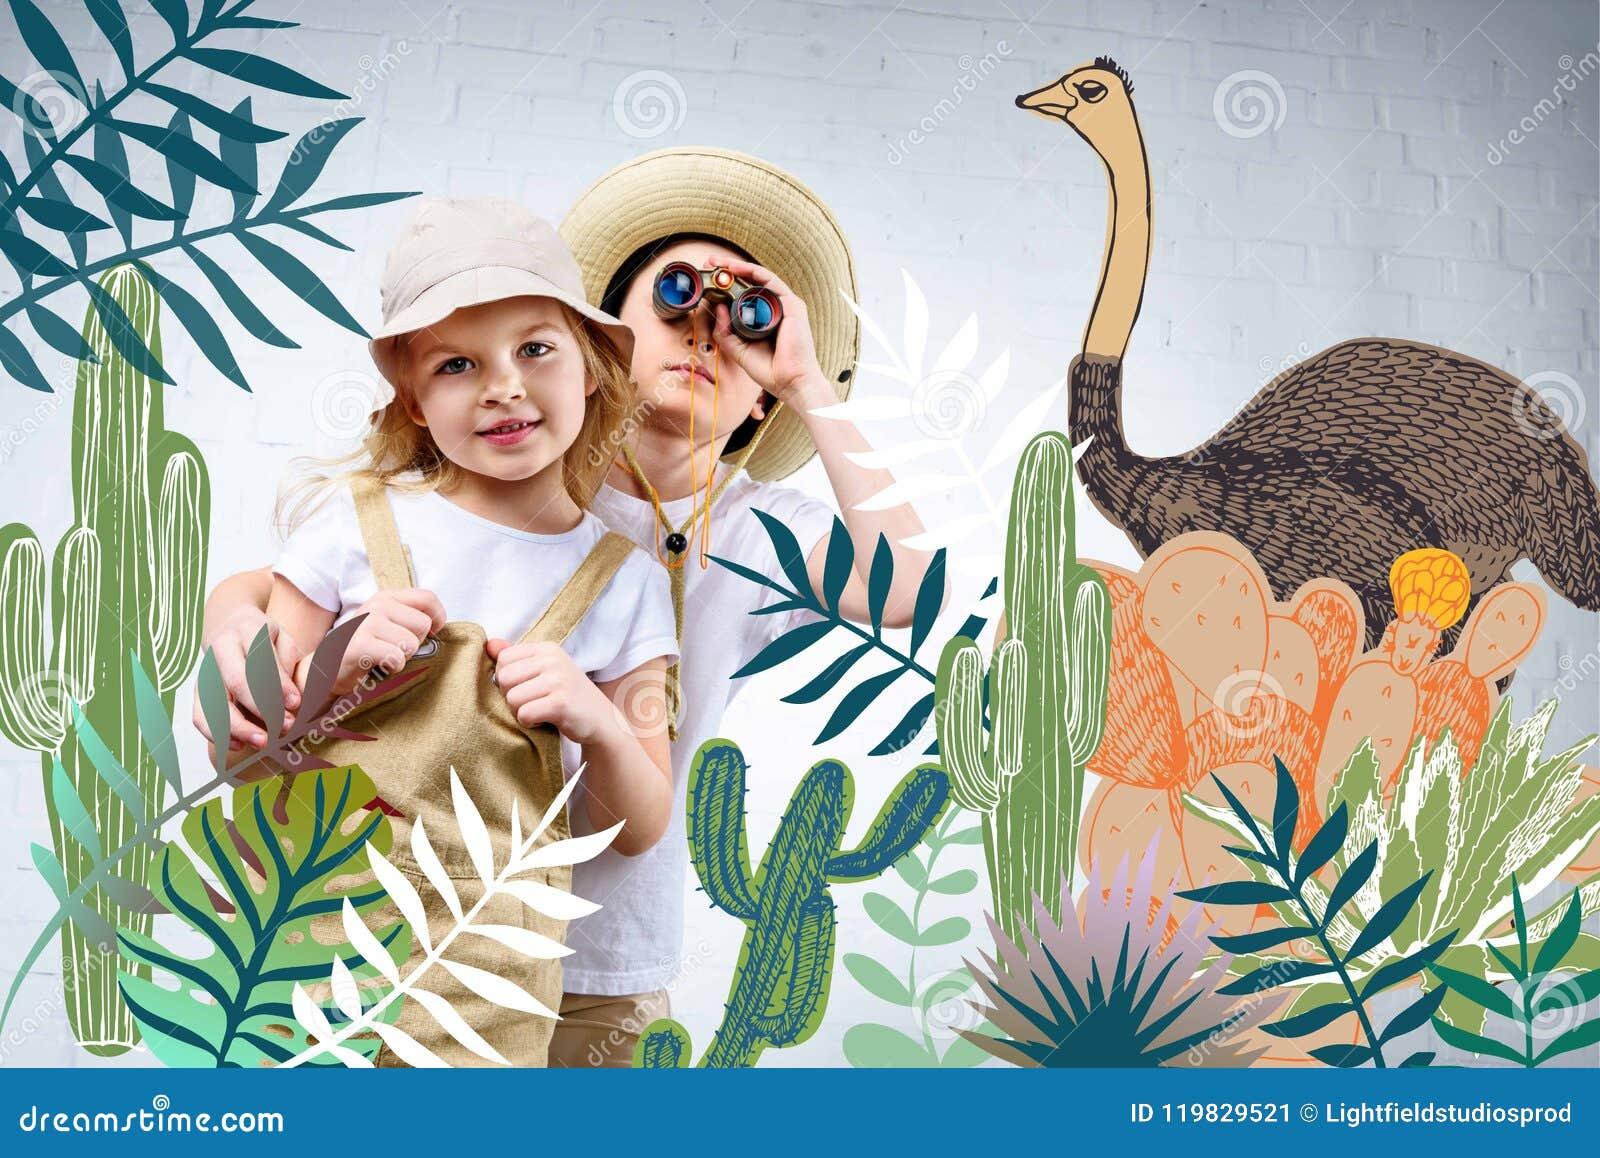 siblings in safari costumes hugging and looking in binoculars at cactuses